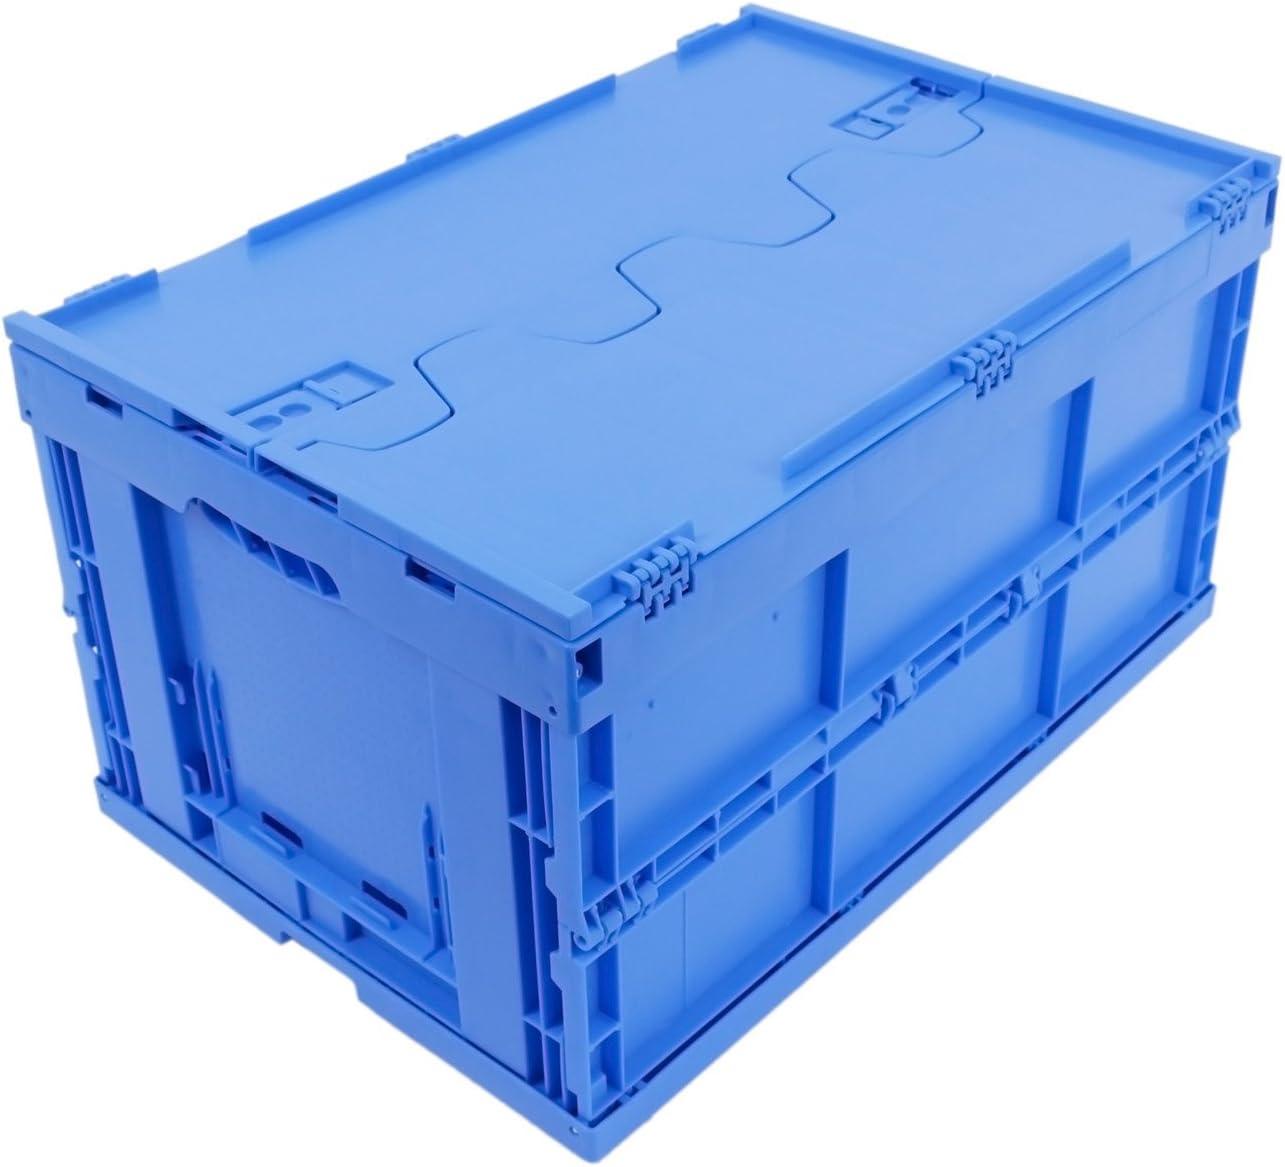 CAJA PLEGABLE (CAJA PLEGABLE CON TAPA 61L azul): Amazon.es: Bricolaje y herramientas